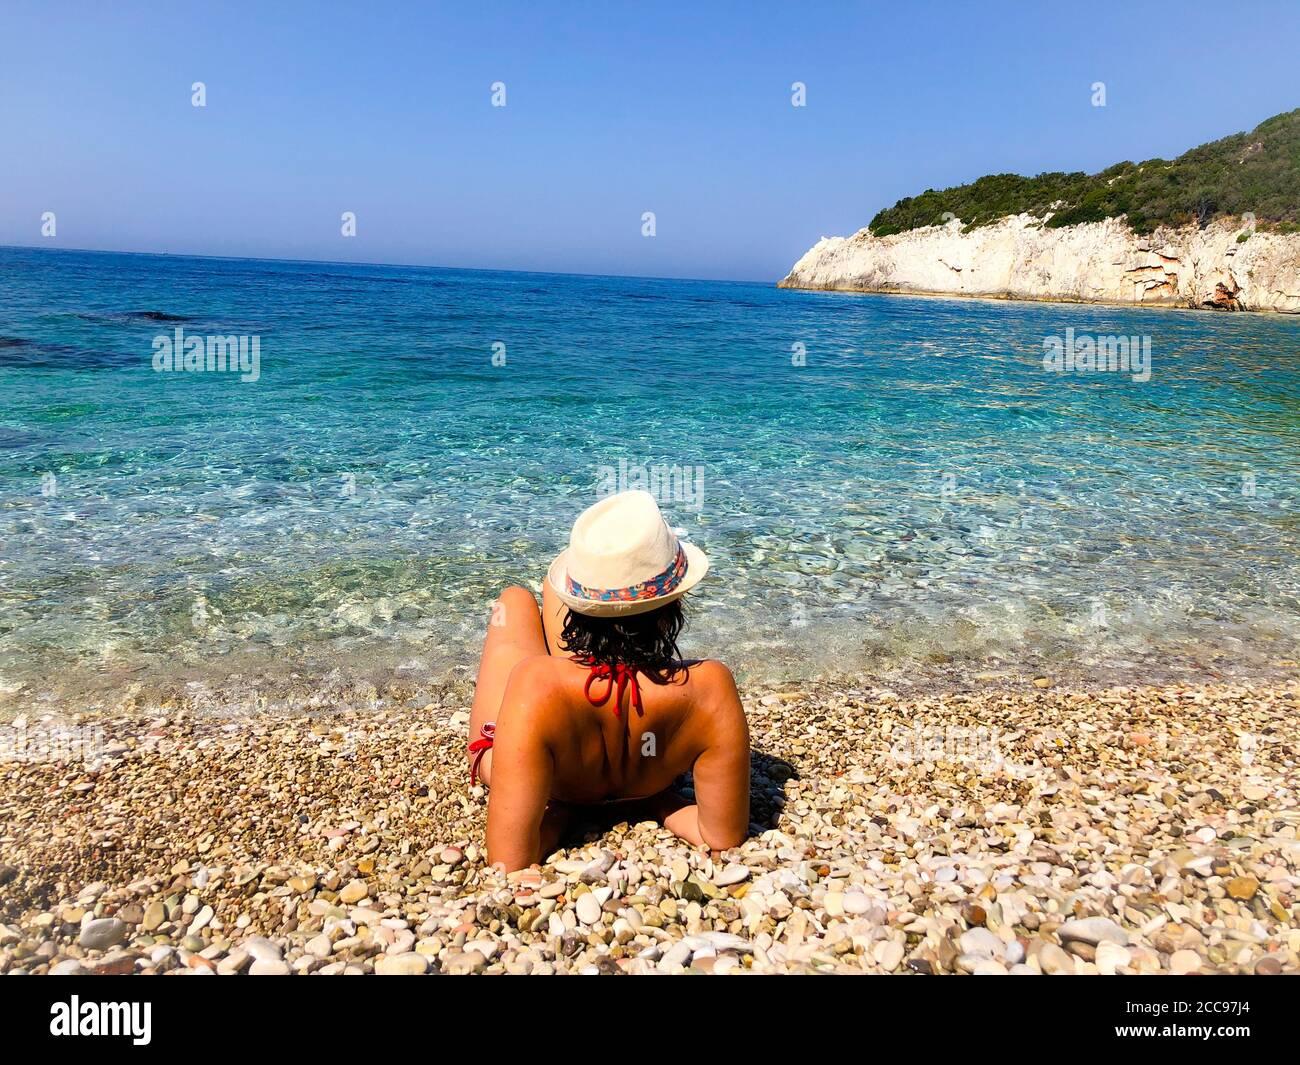 Frau albanien ich suche ein aus Albanien: Wenn